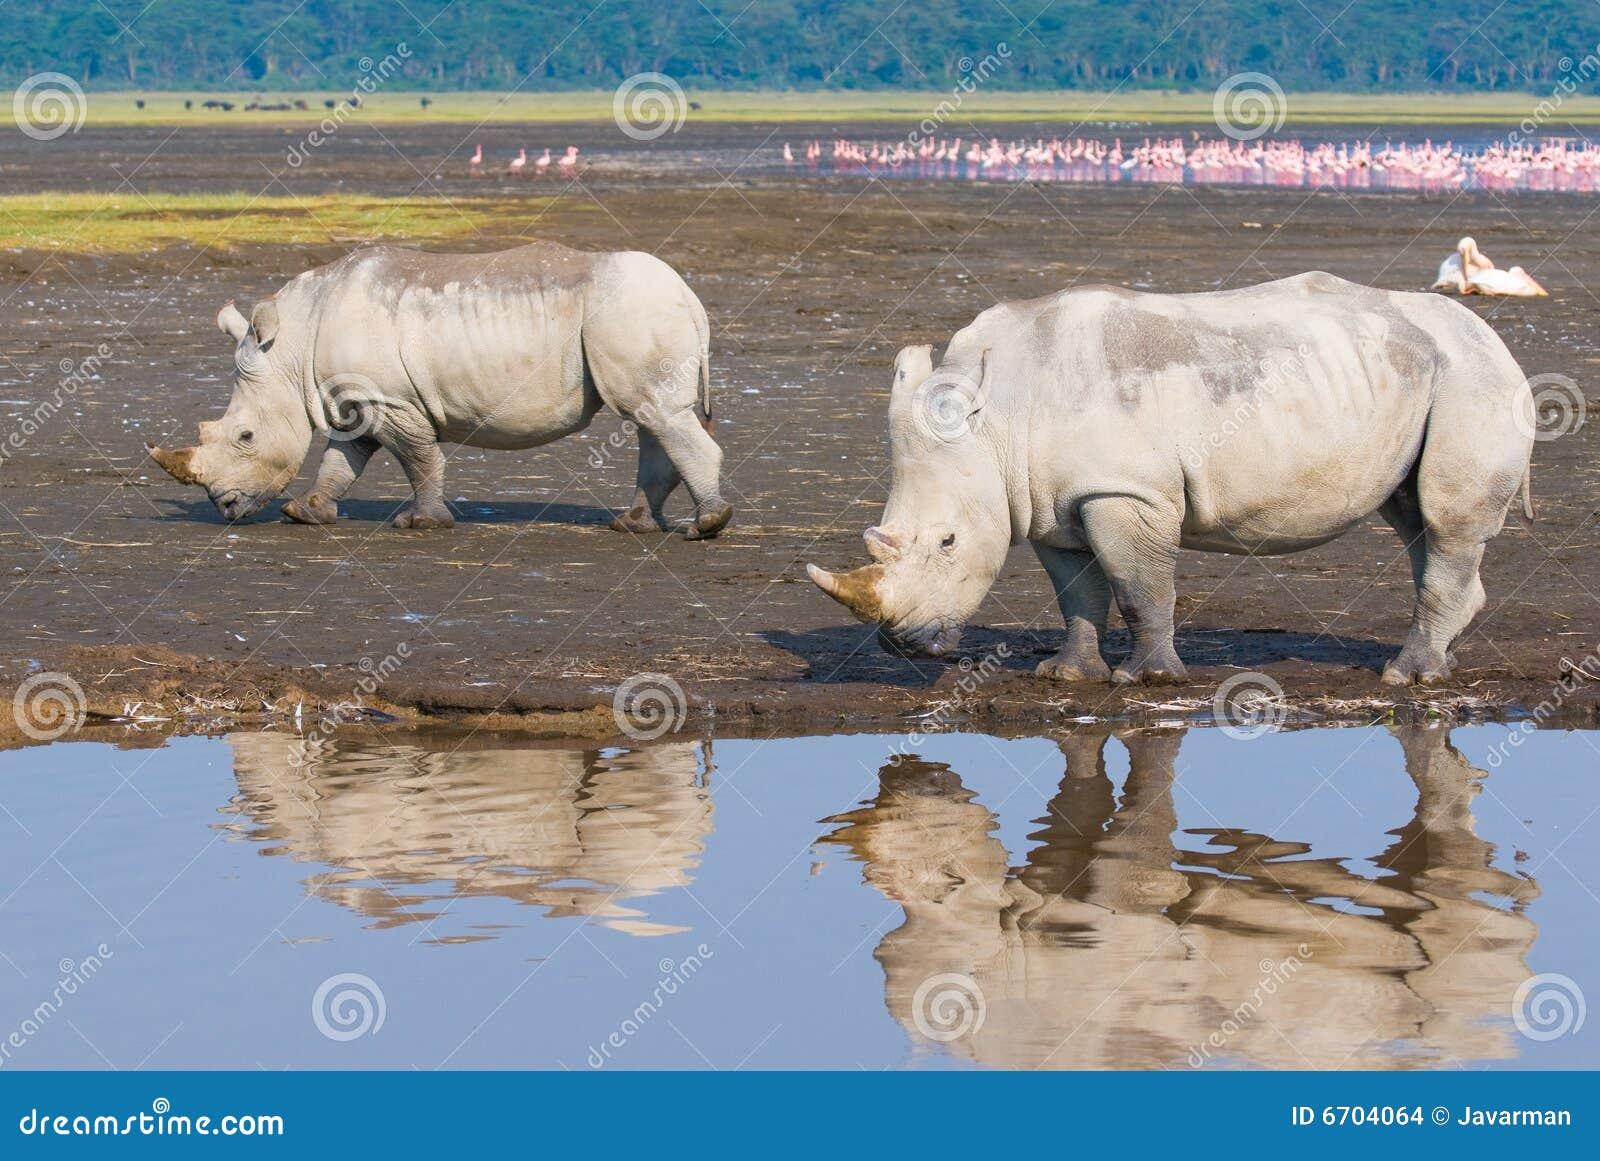 Rhinos in lake nakuru, kenya